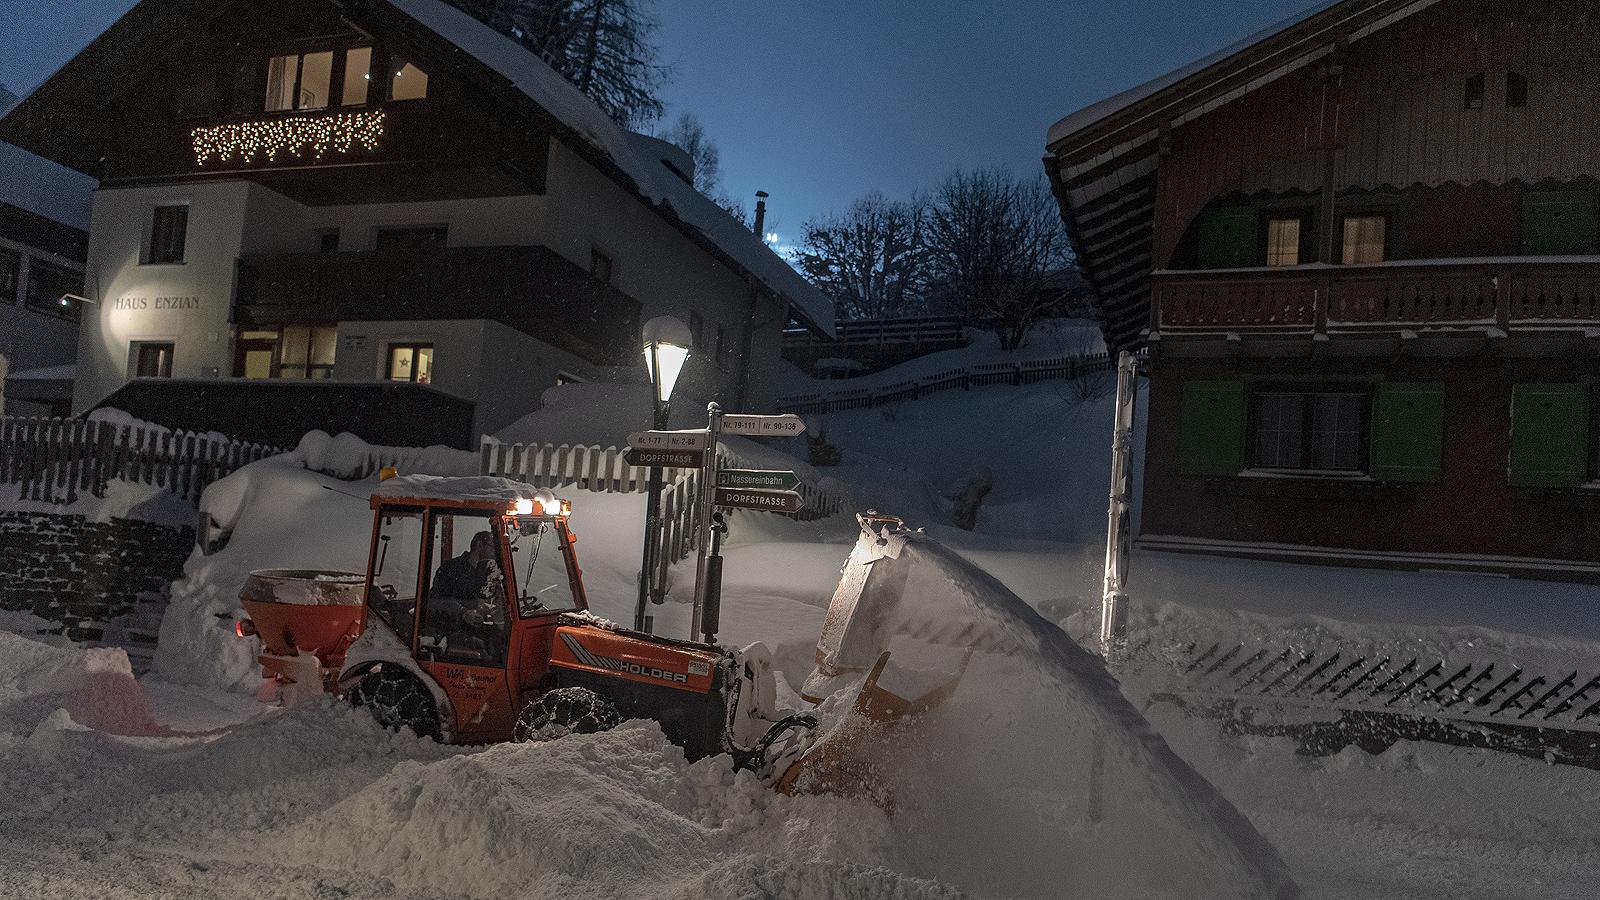 """""""Има огромен риск от лавини и безопасността на работниците не може да бъде осигурена"""", се казва в изявлението. Вече бяха премахнати около 120 000 кубични метра сняг от пистите, но това не е достатъчно за провеждането на състезания през уикенда"""""""